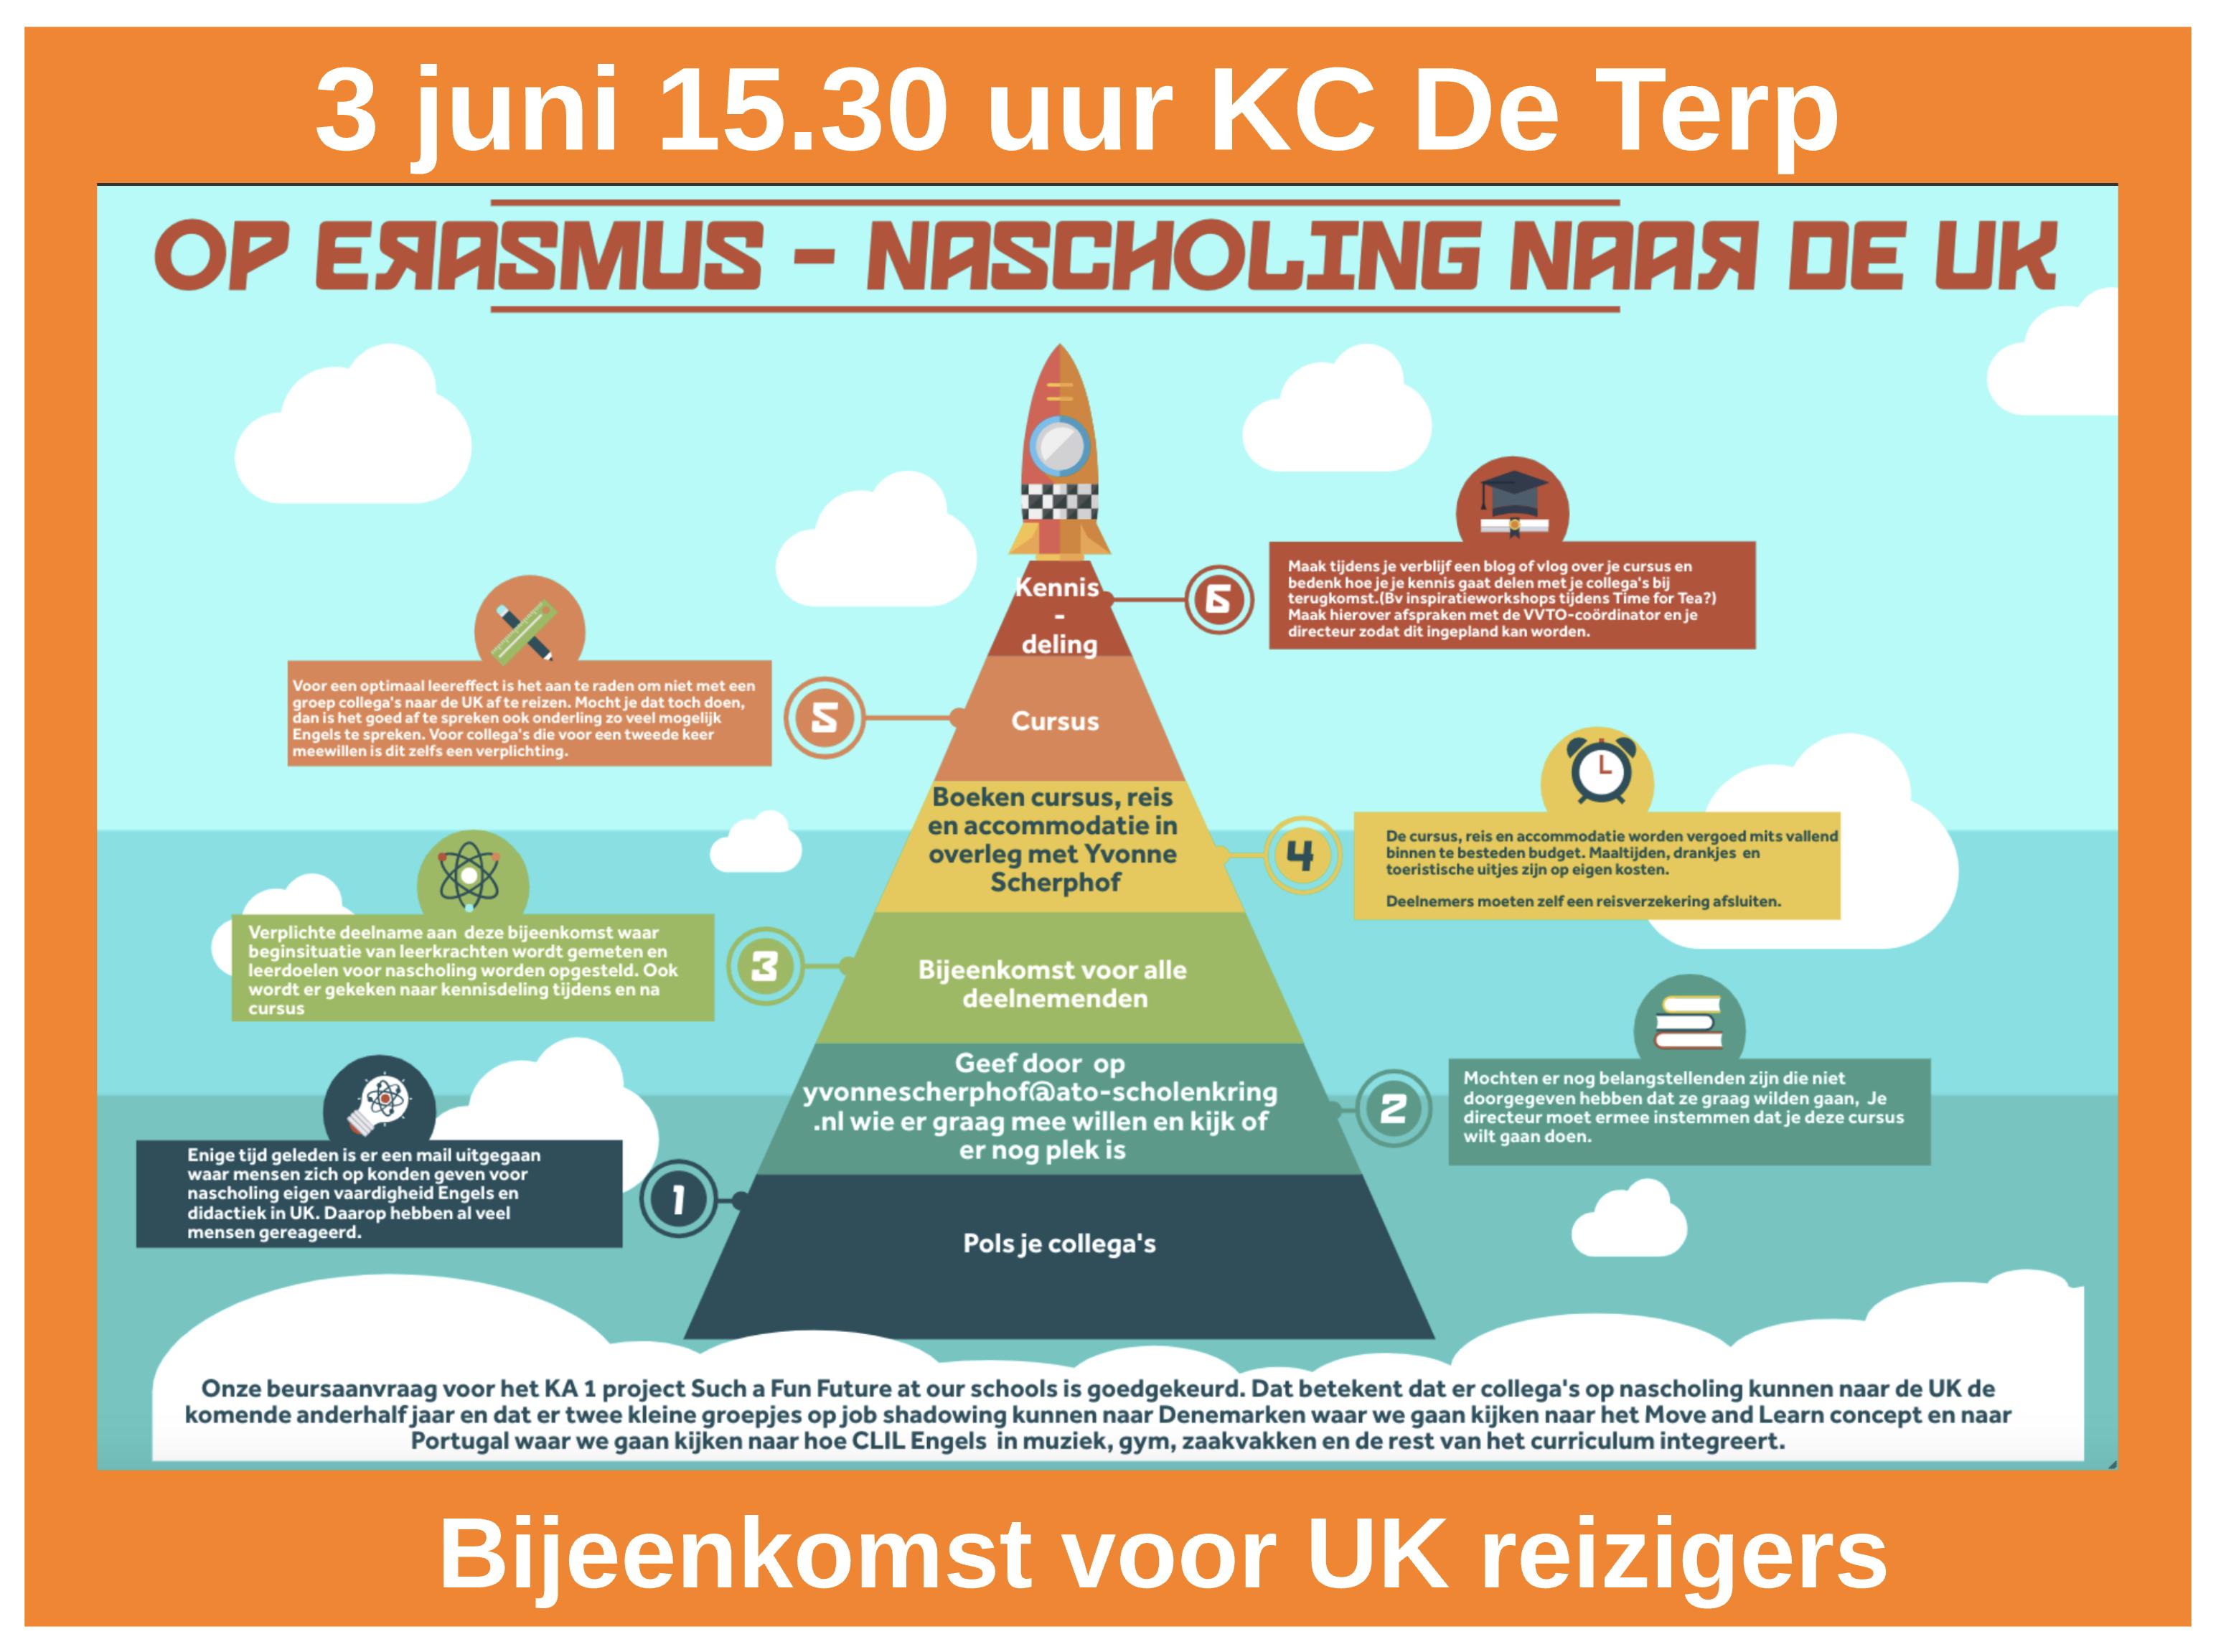 3 juni nascholing in UK bijeenkomst KC De Terp